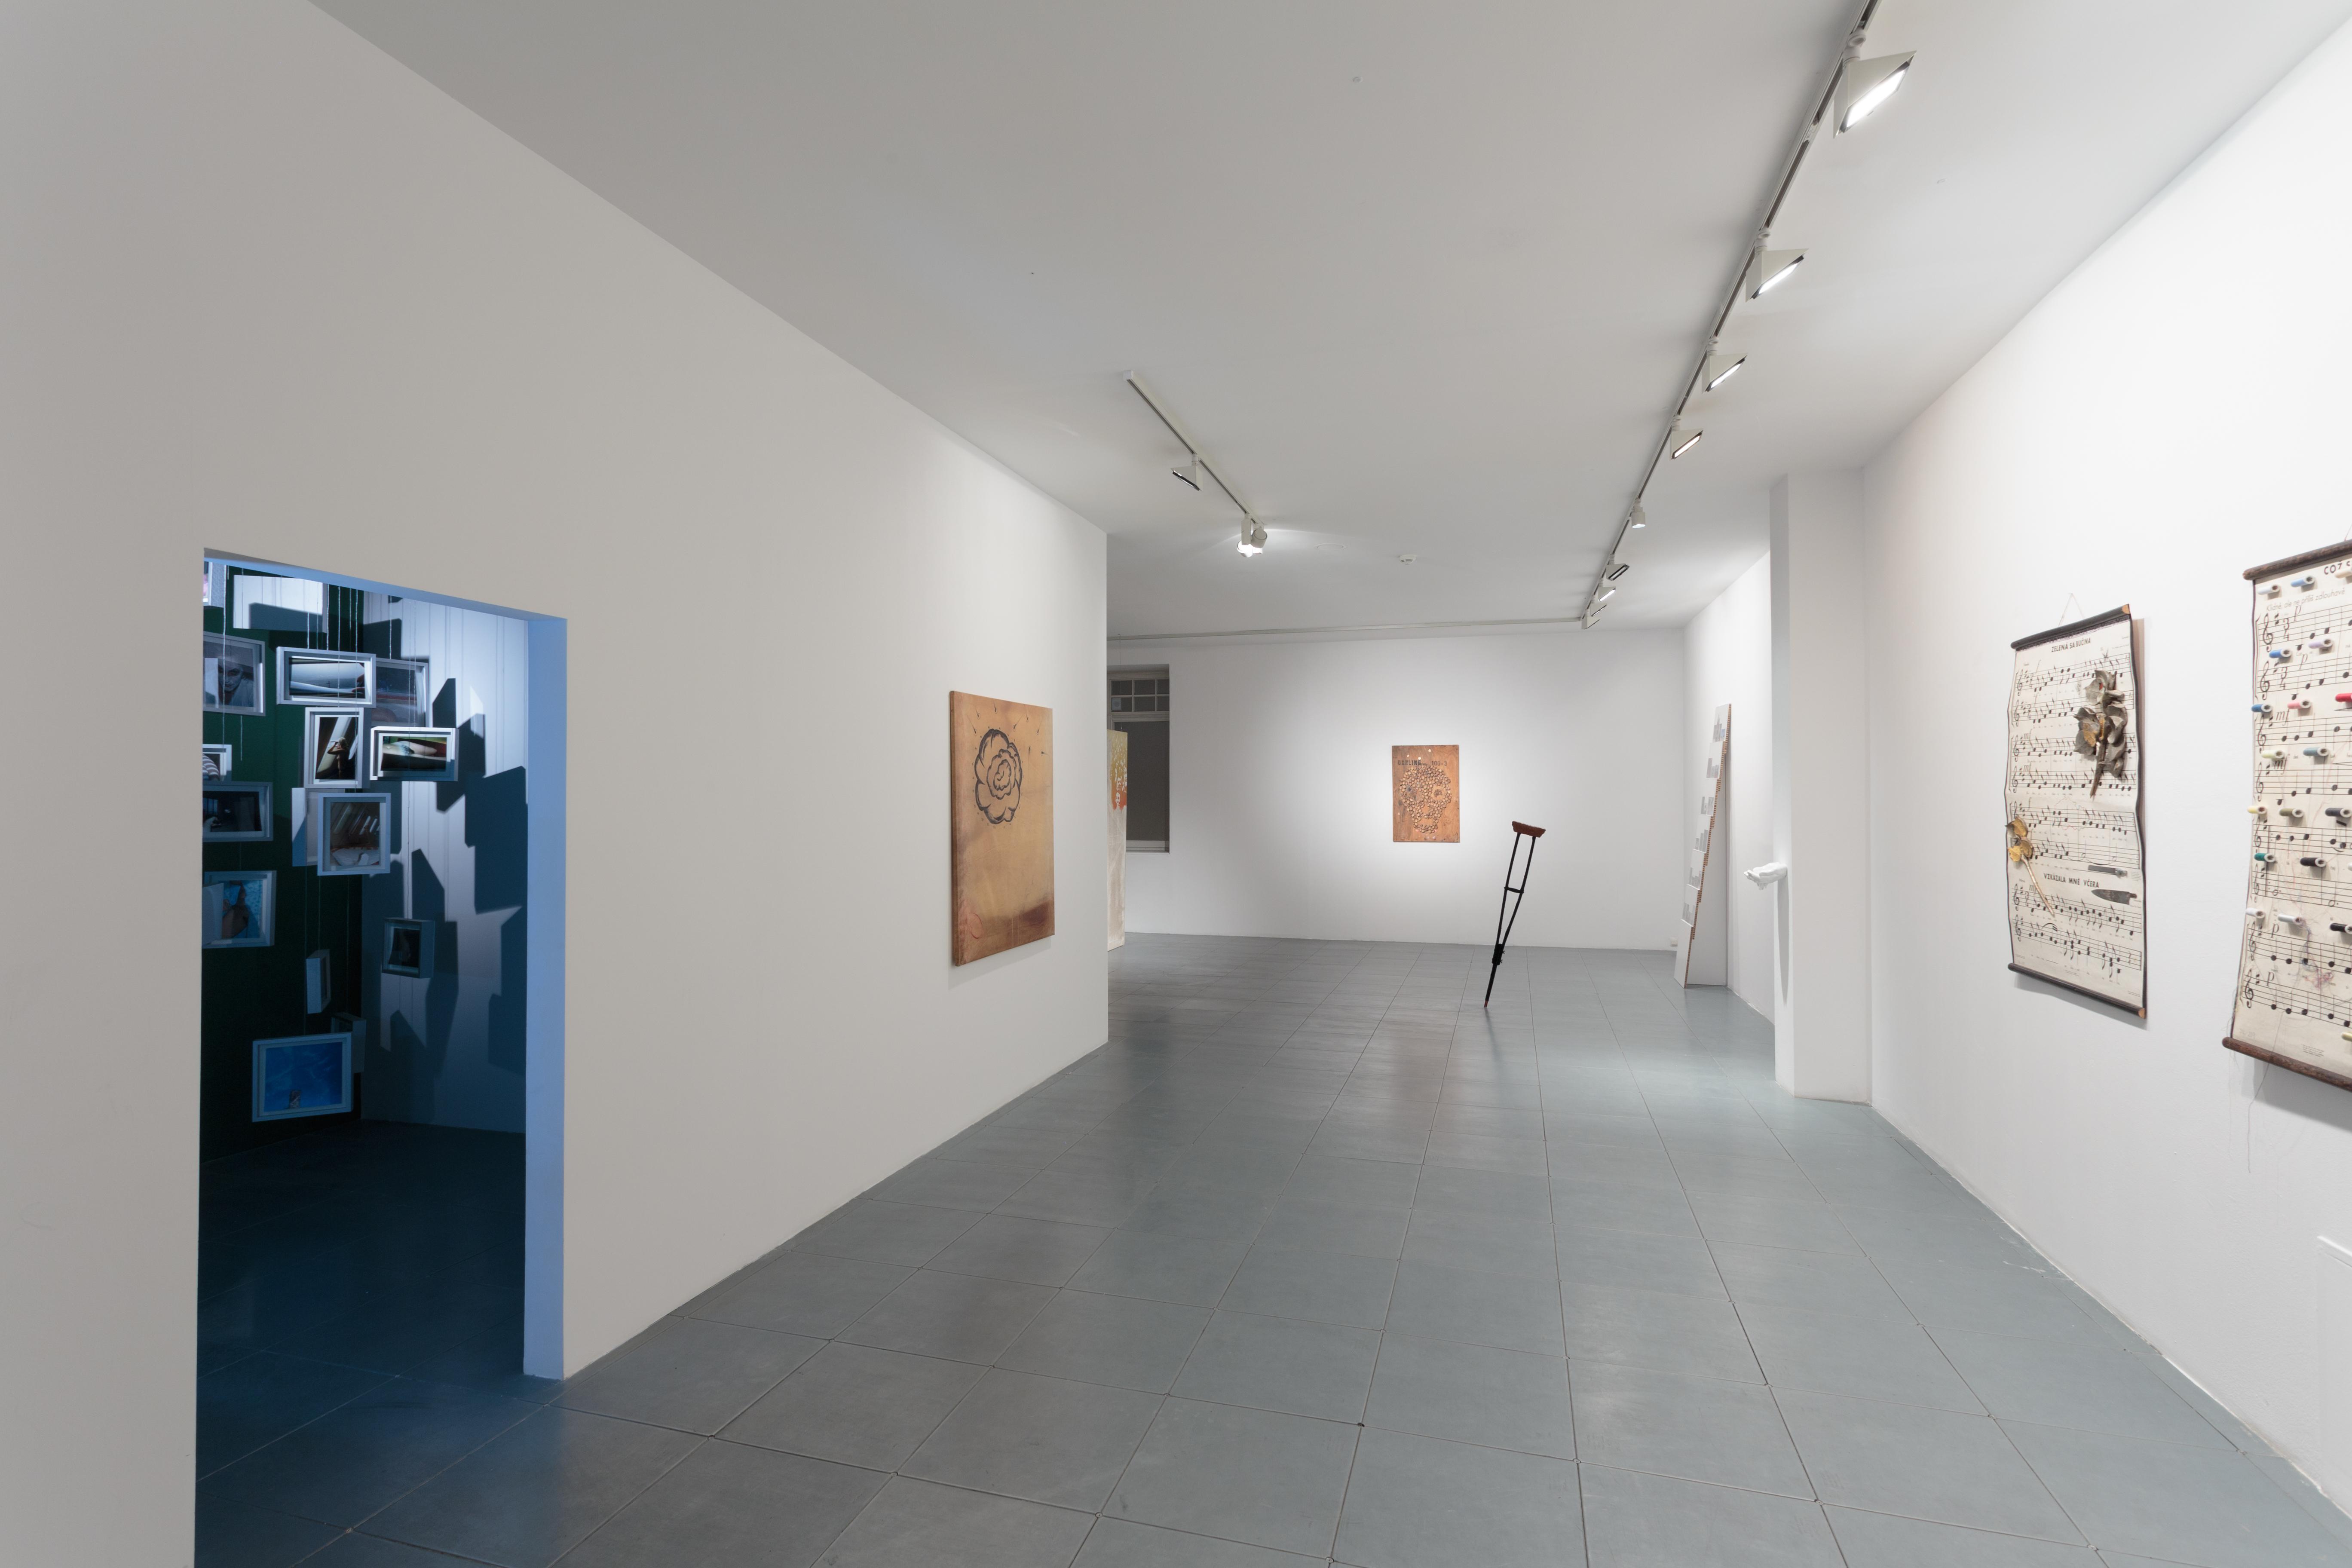 """Jiri David, """"...bezczasowy czas - faktycznie nic się niedzieje!, widok ogólny wystawy, dzięki uprzejmości Le Guern"""